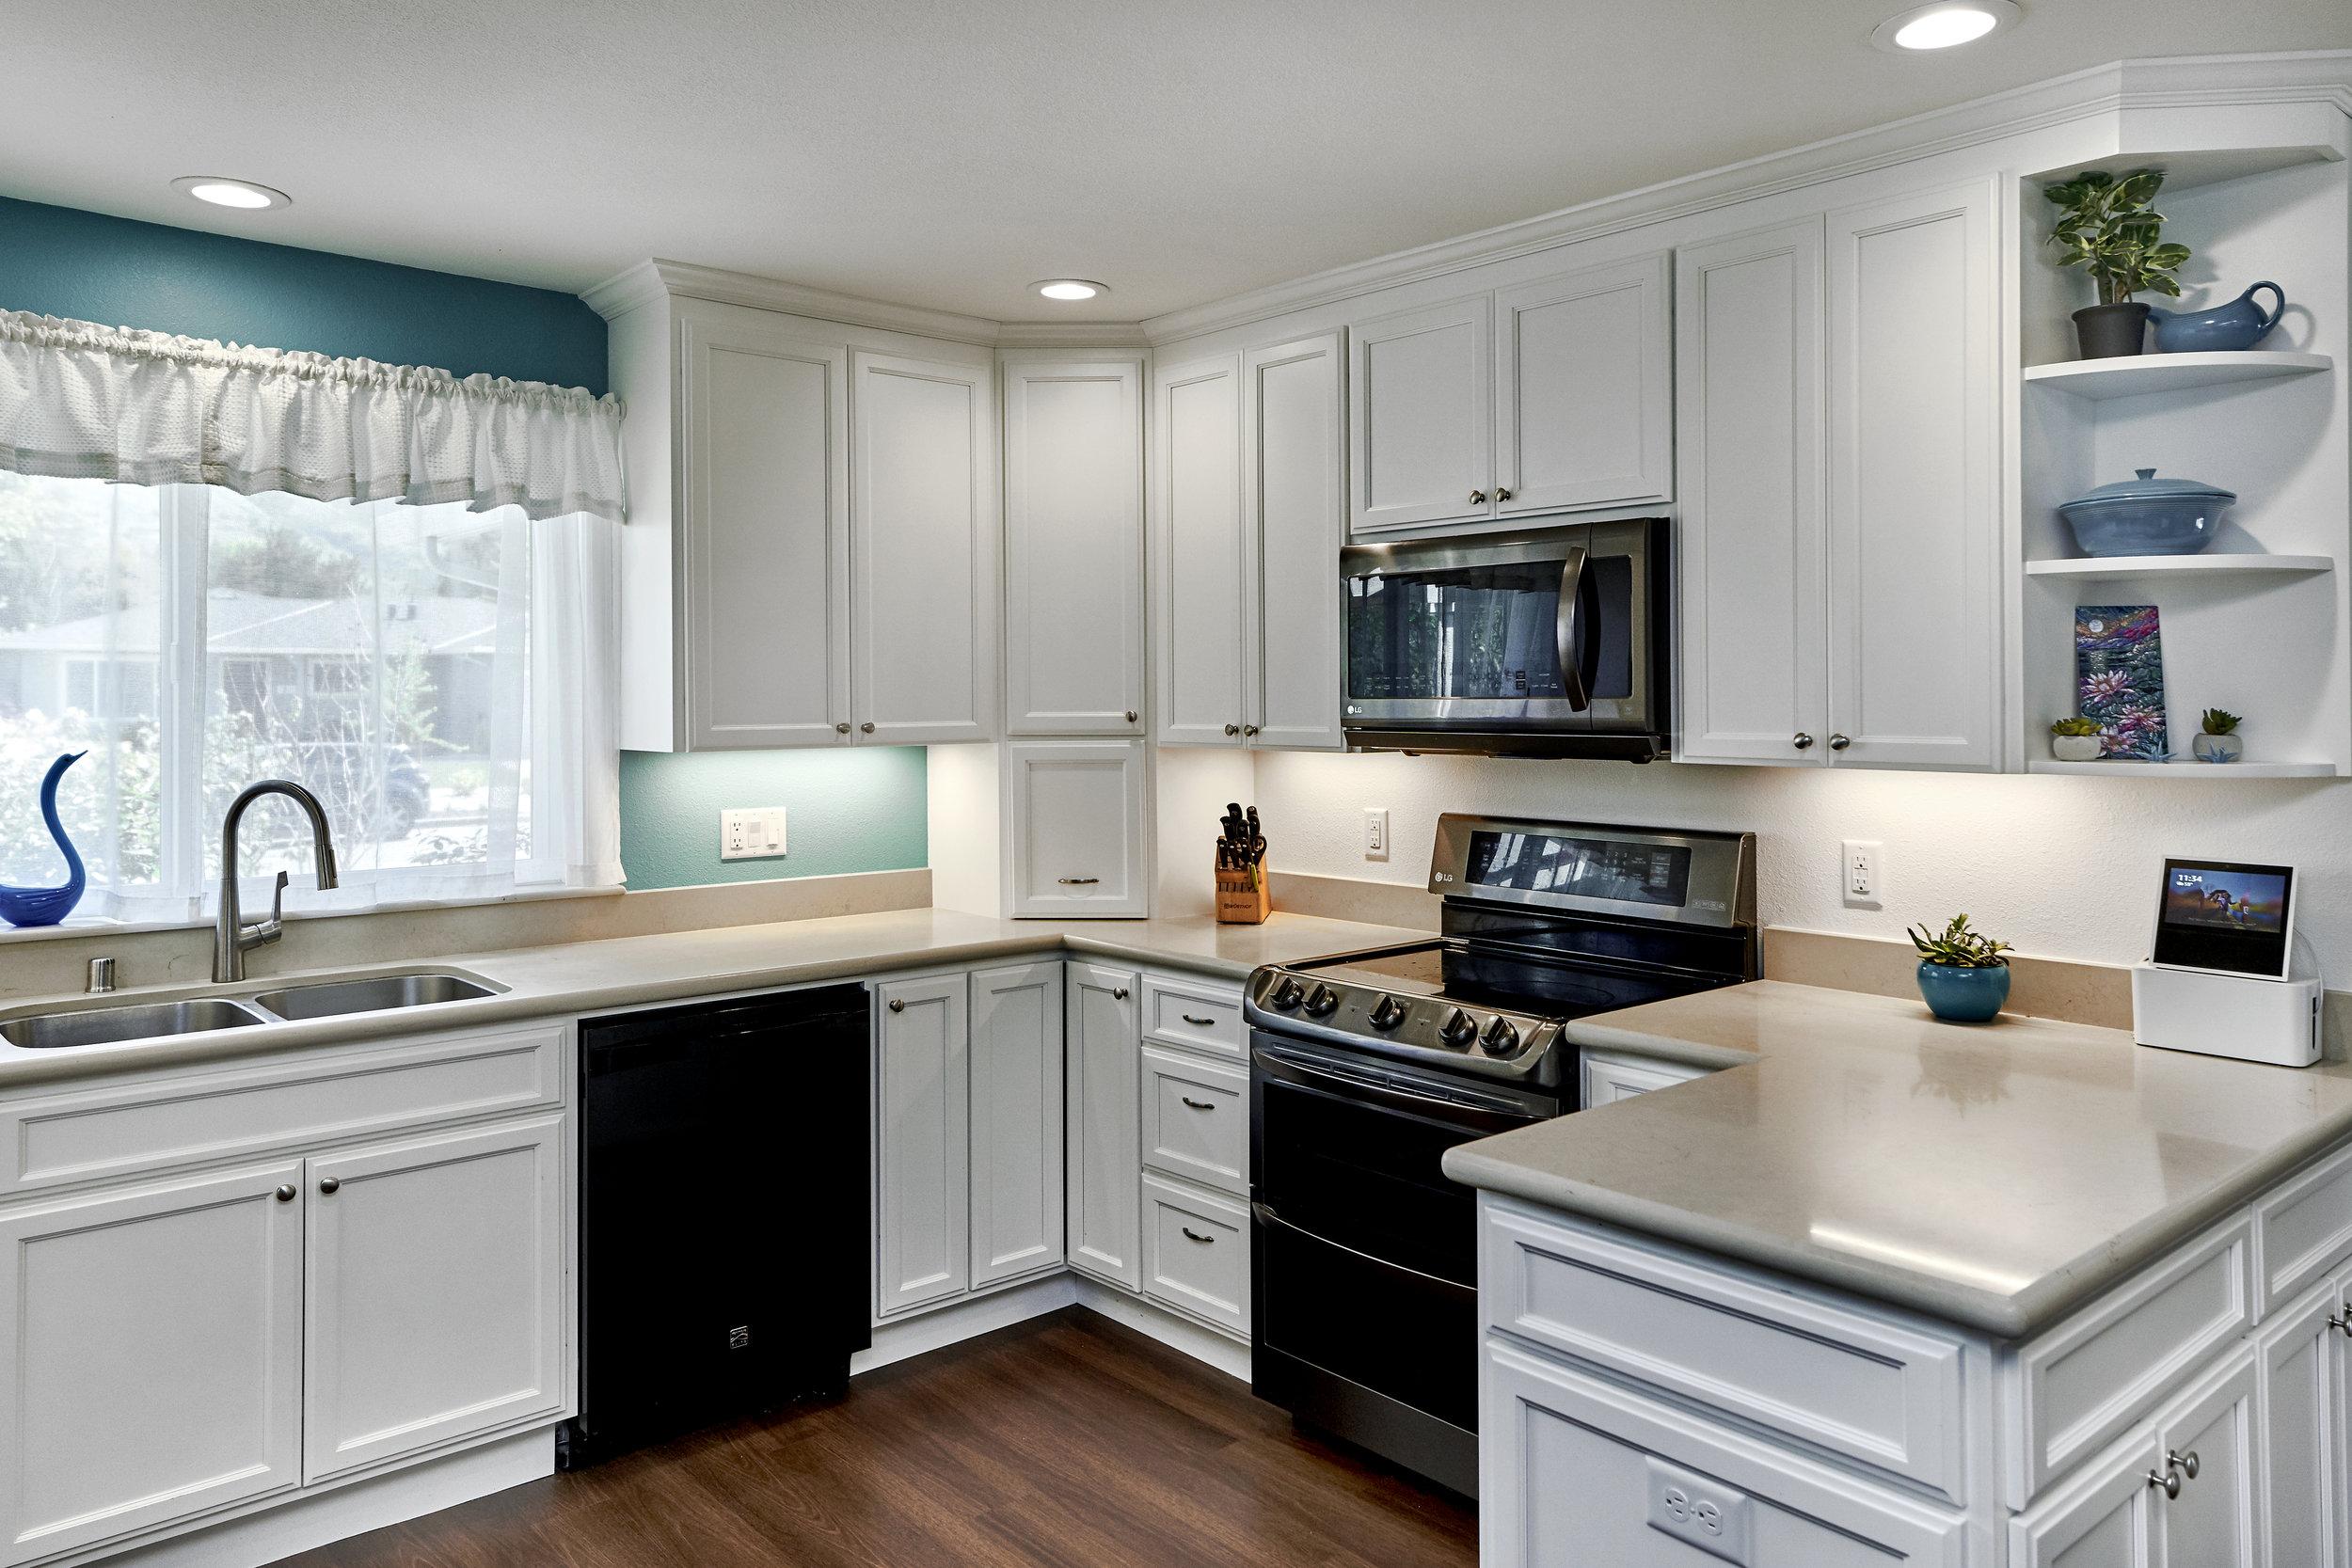 New peninsula kitchen 1.